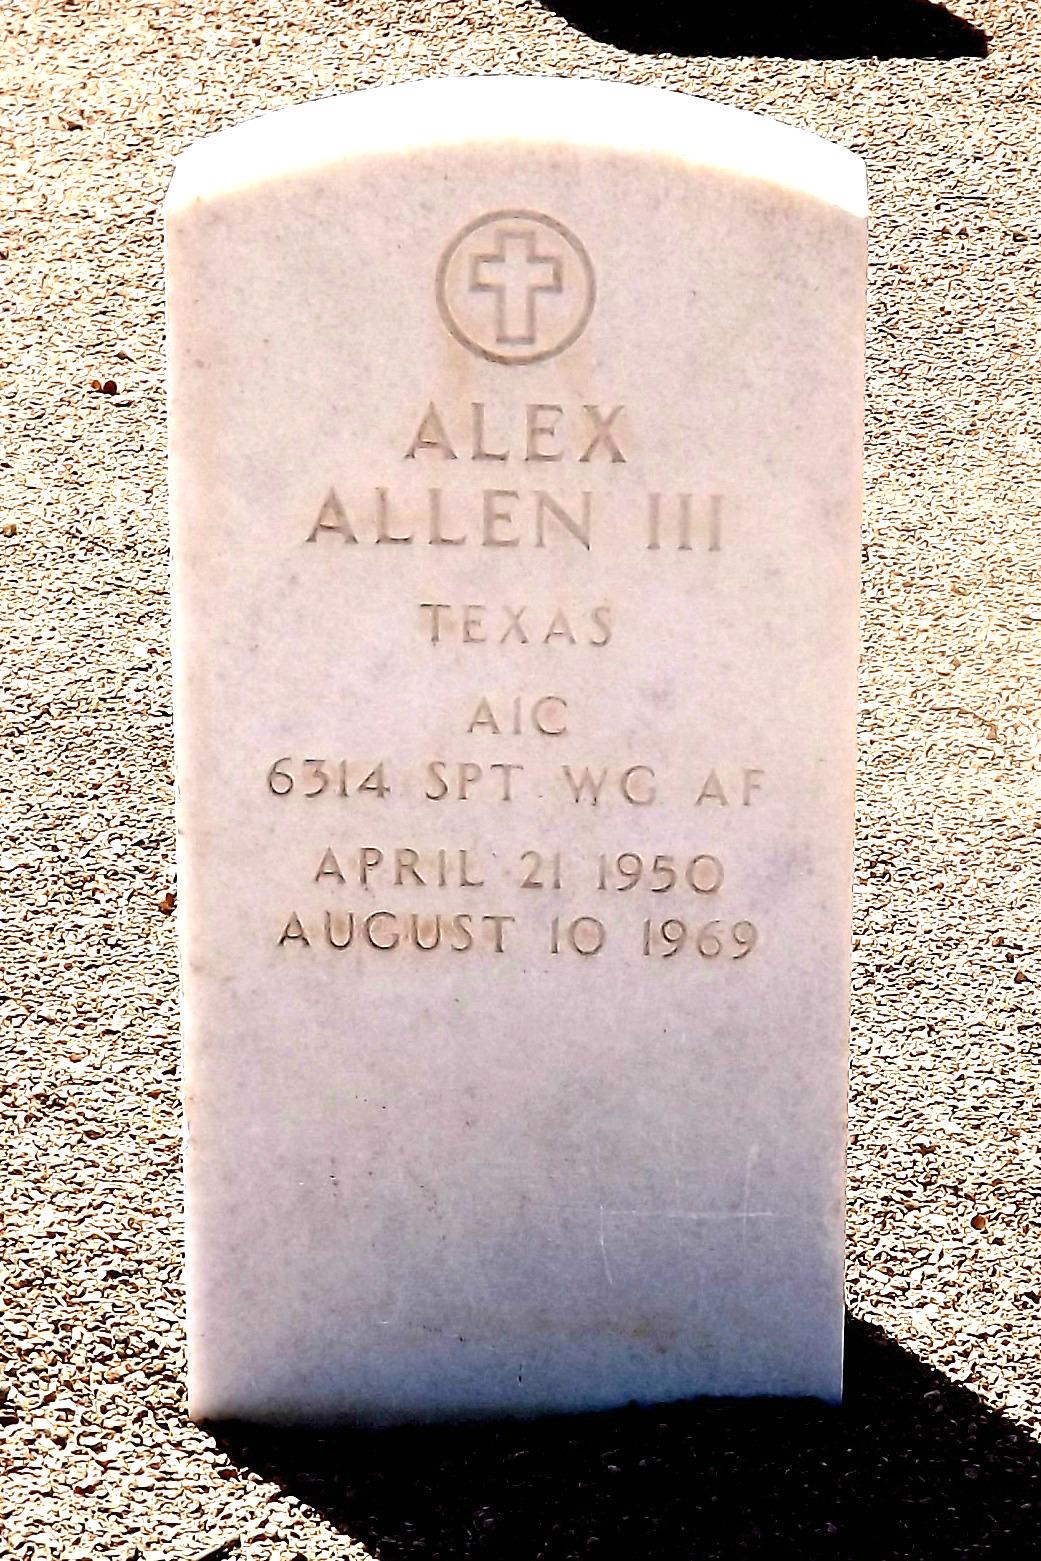 Alex Allen, III